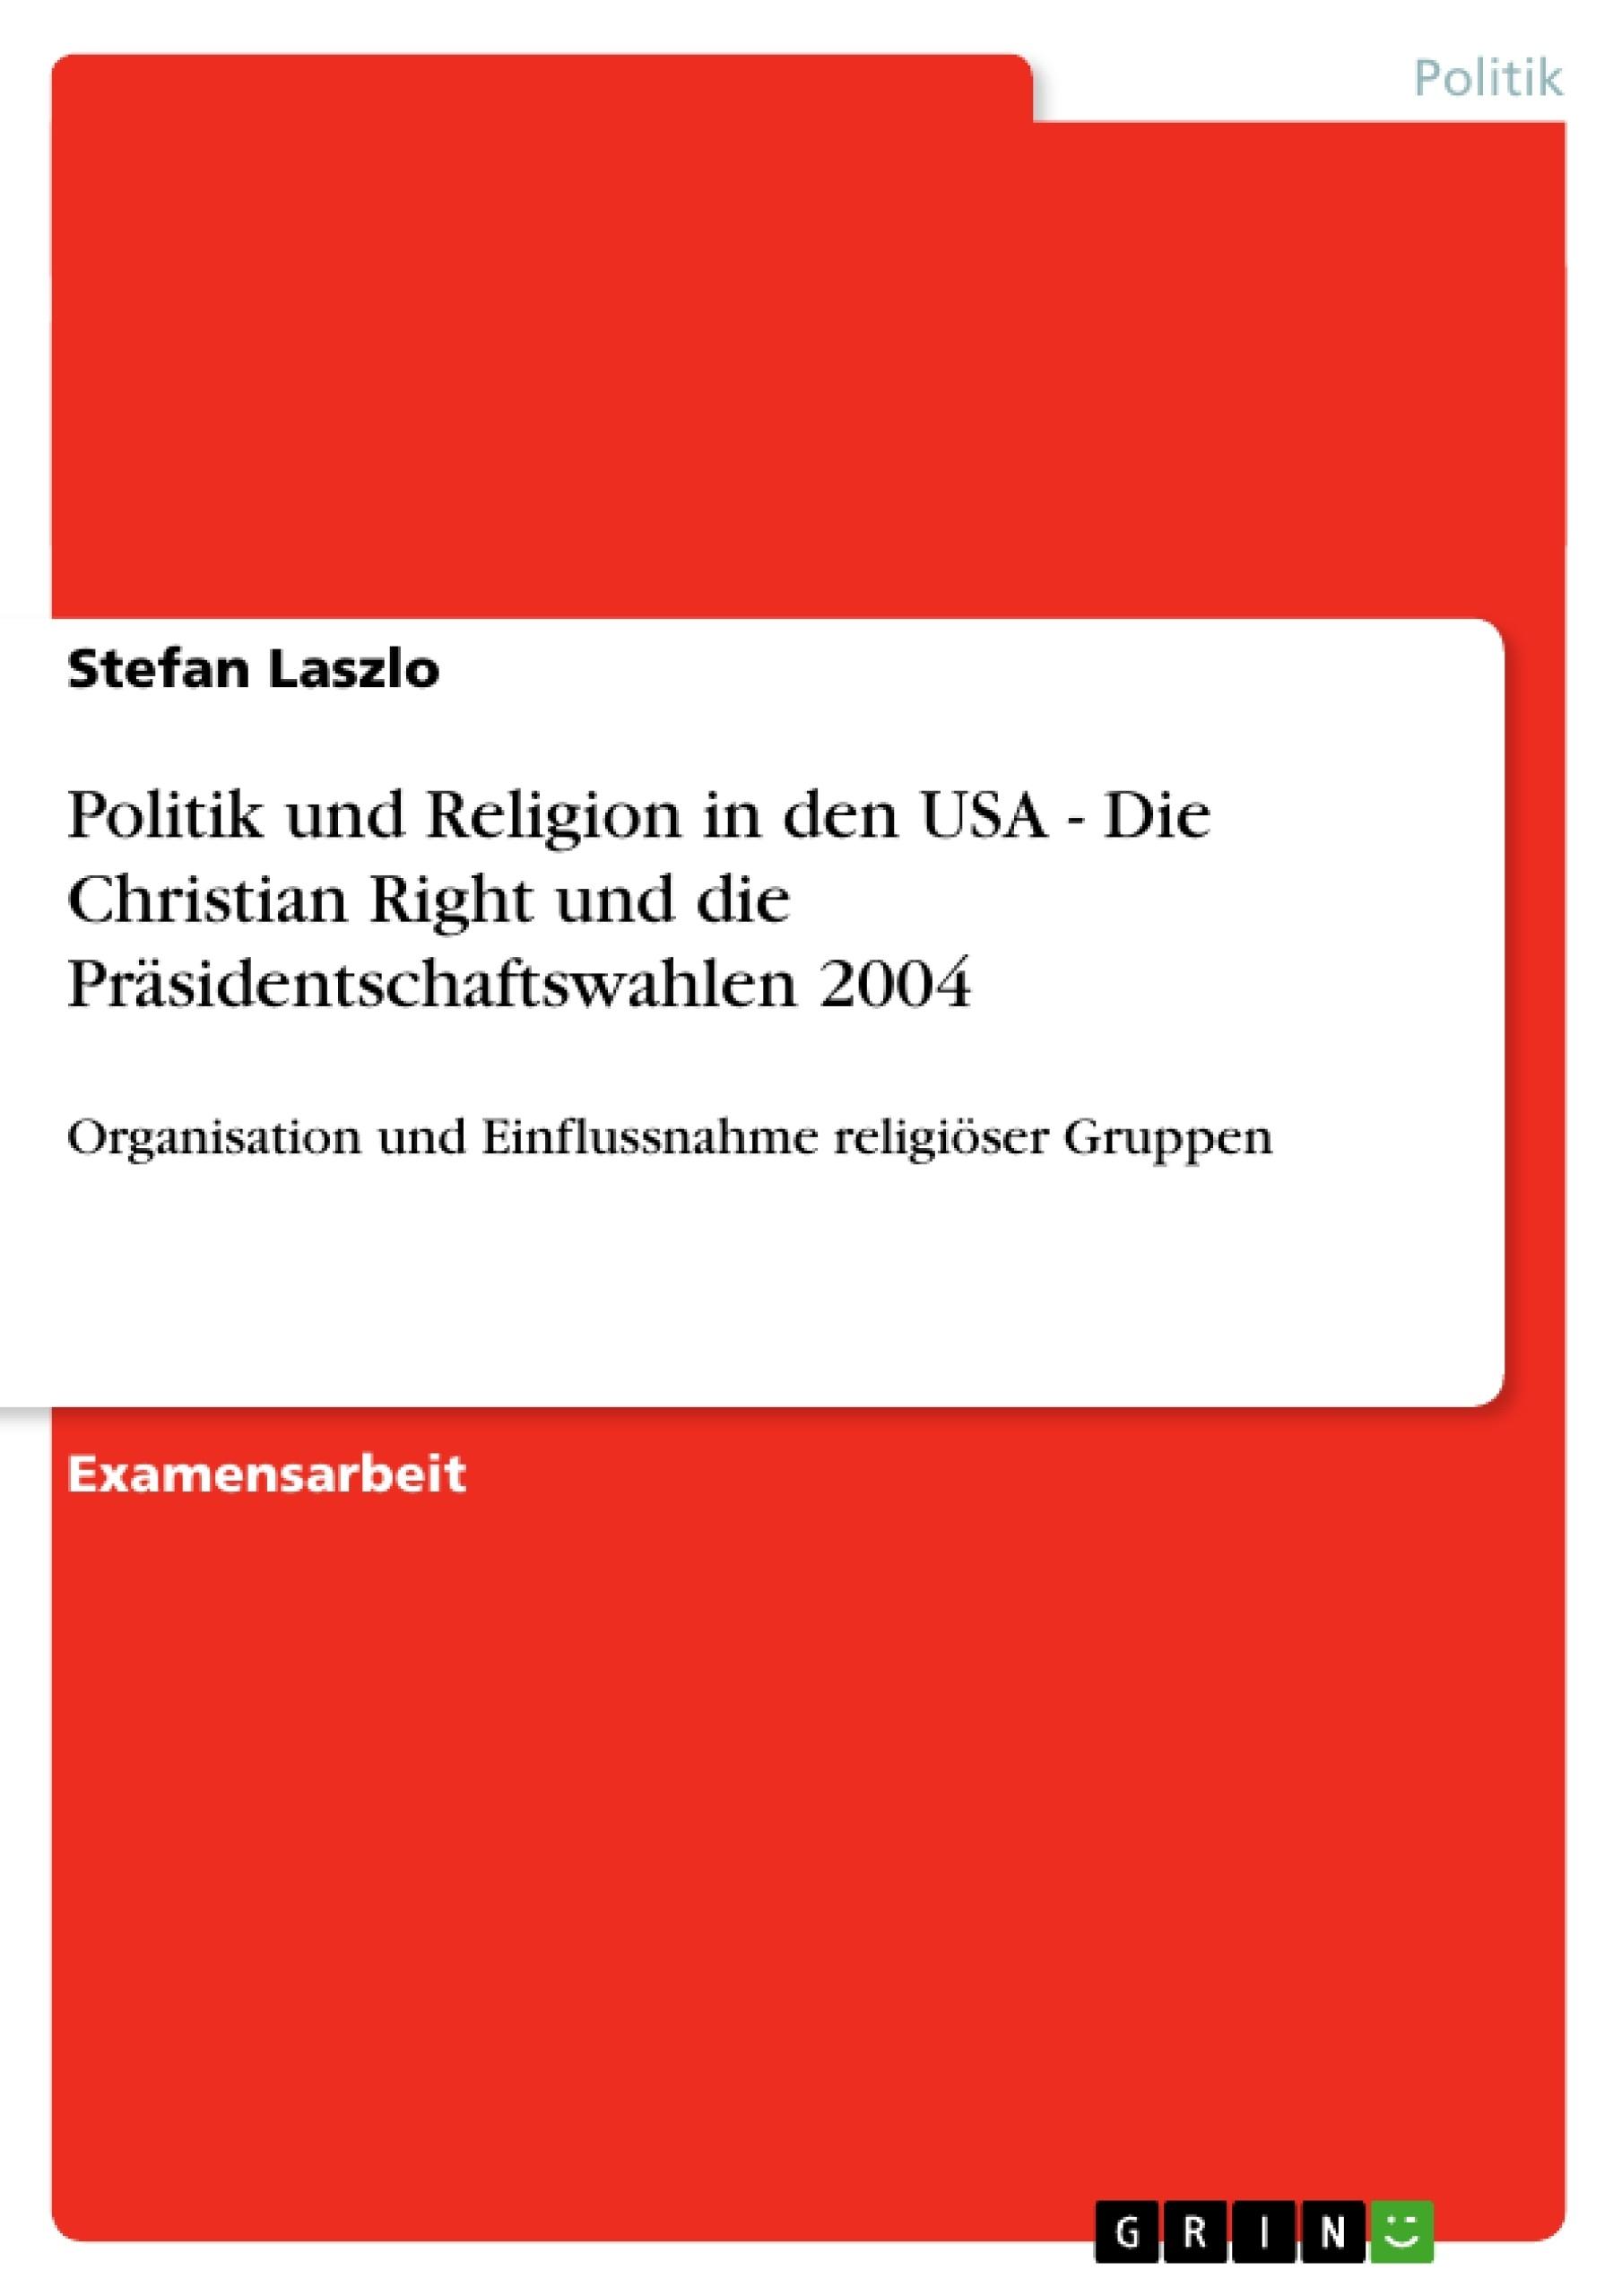 Titel: Politik und Religion in den USA - Die Christian Right und die Präsidentschaftswahlen 2004